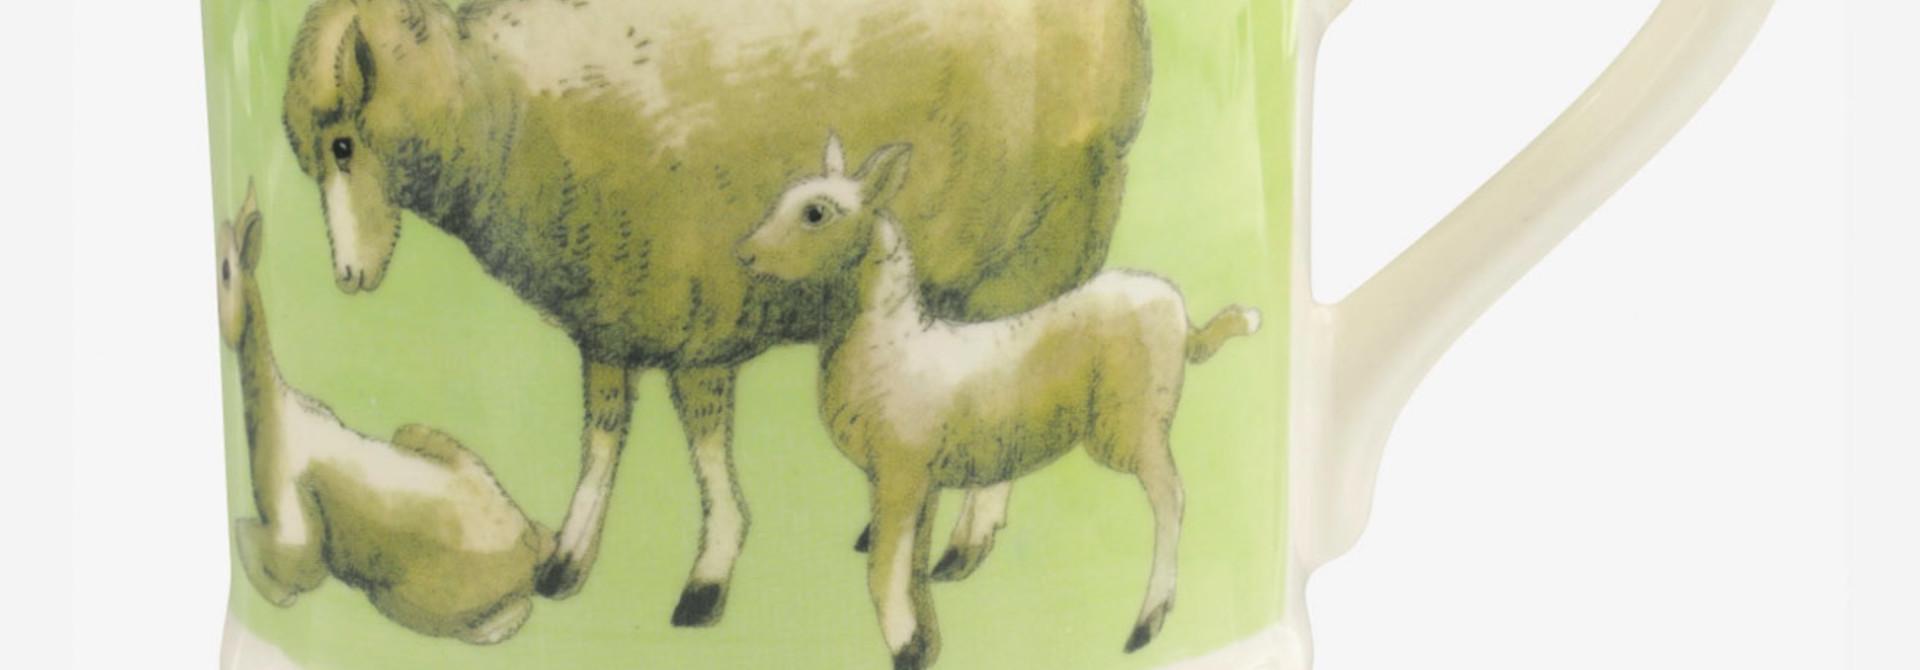 Bright New Morning Spring Lambs - 1/2 Pint Mug